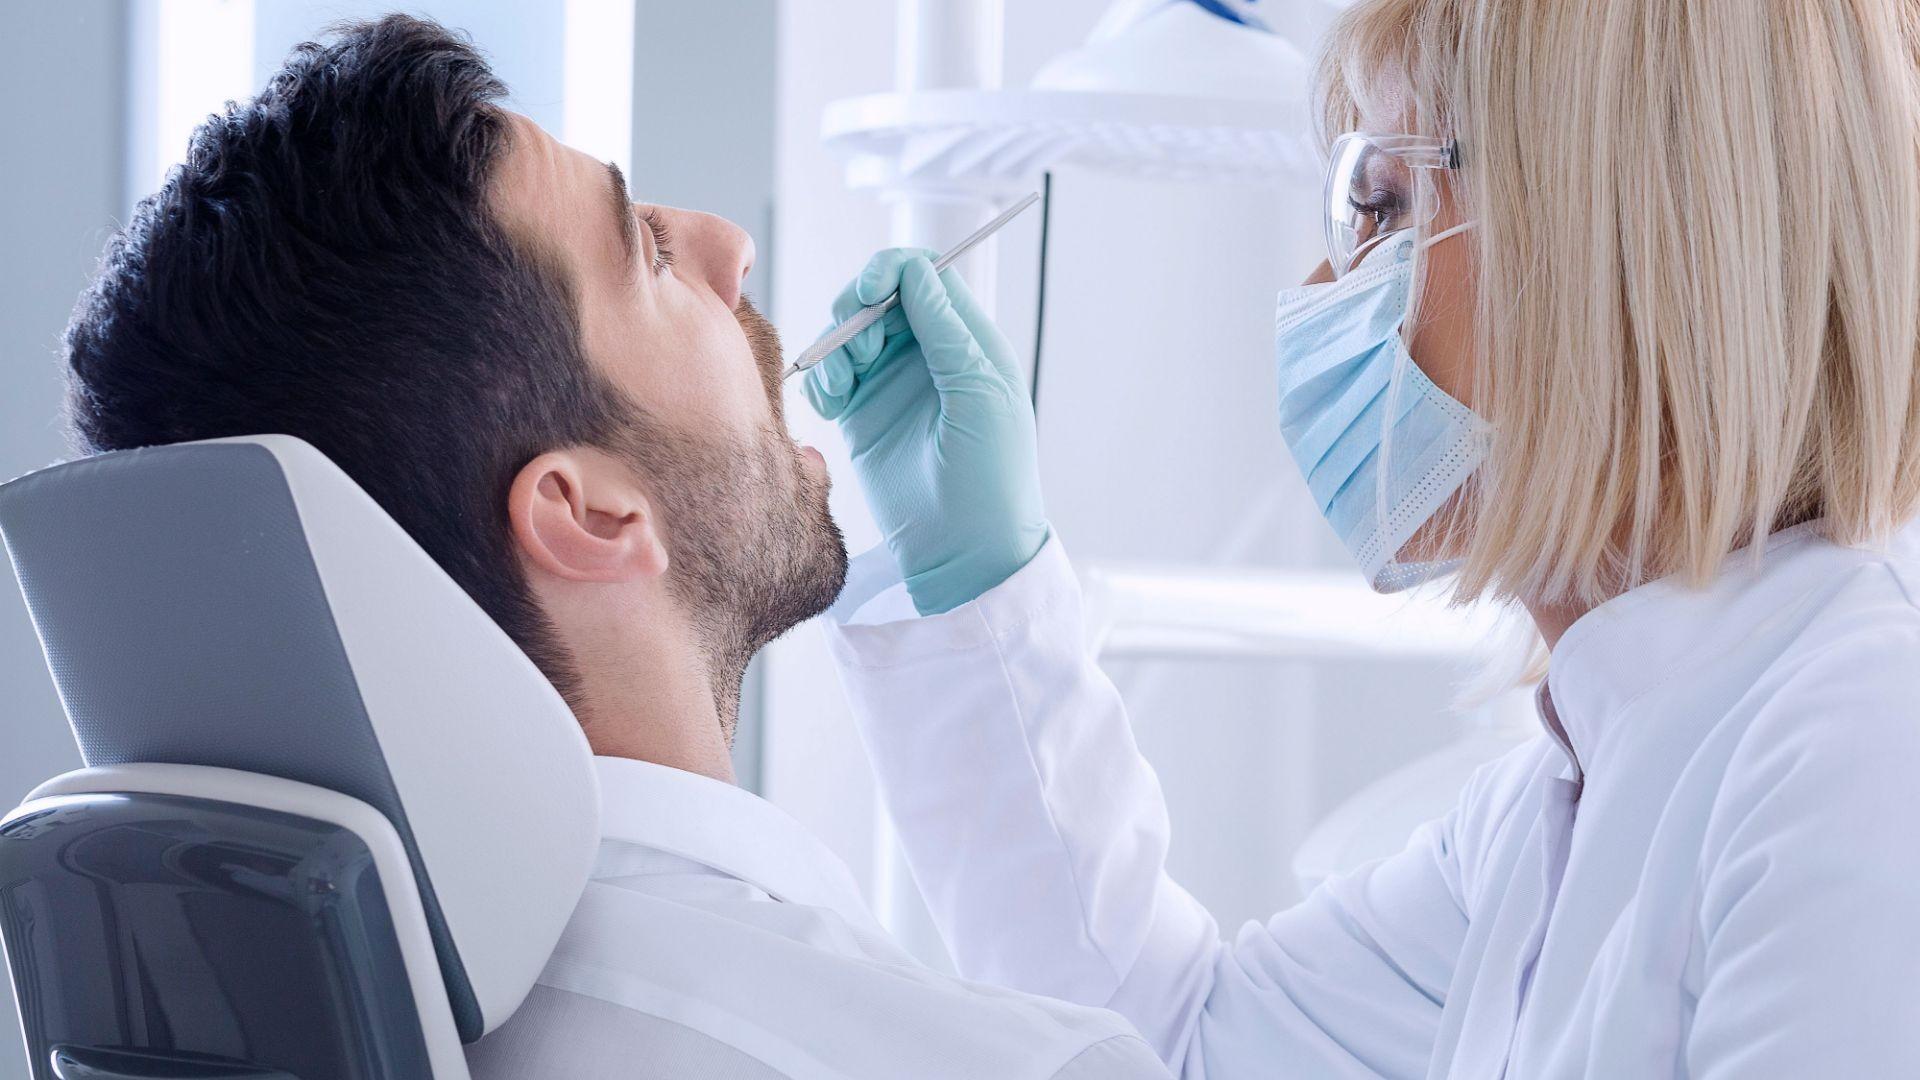 Centro de odontología en Barcelona